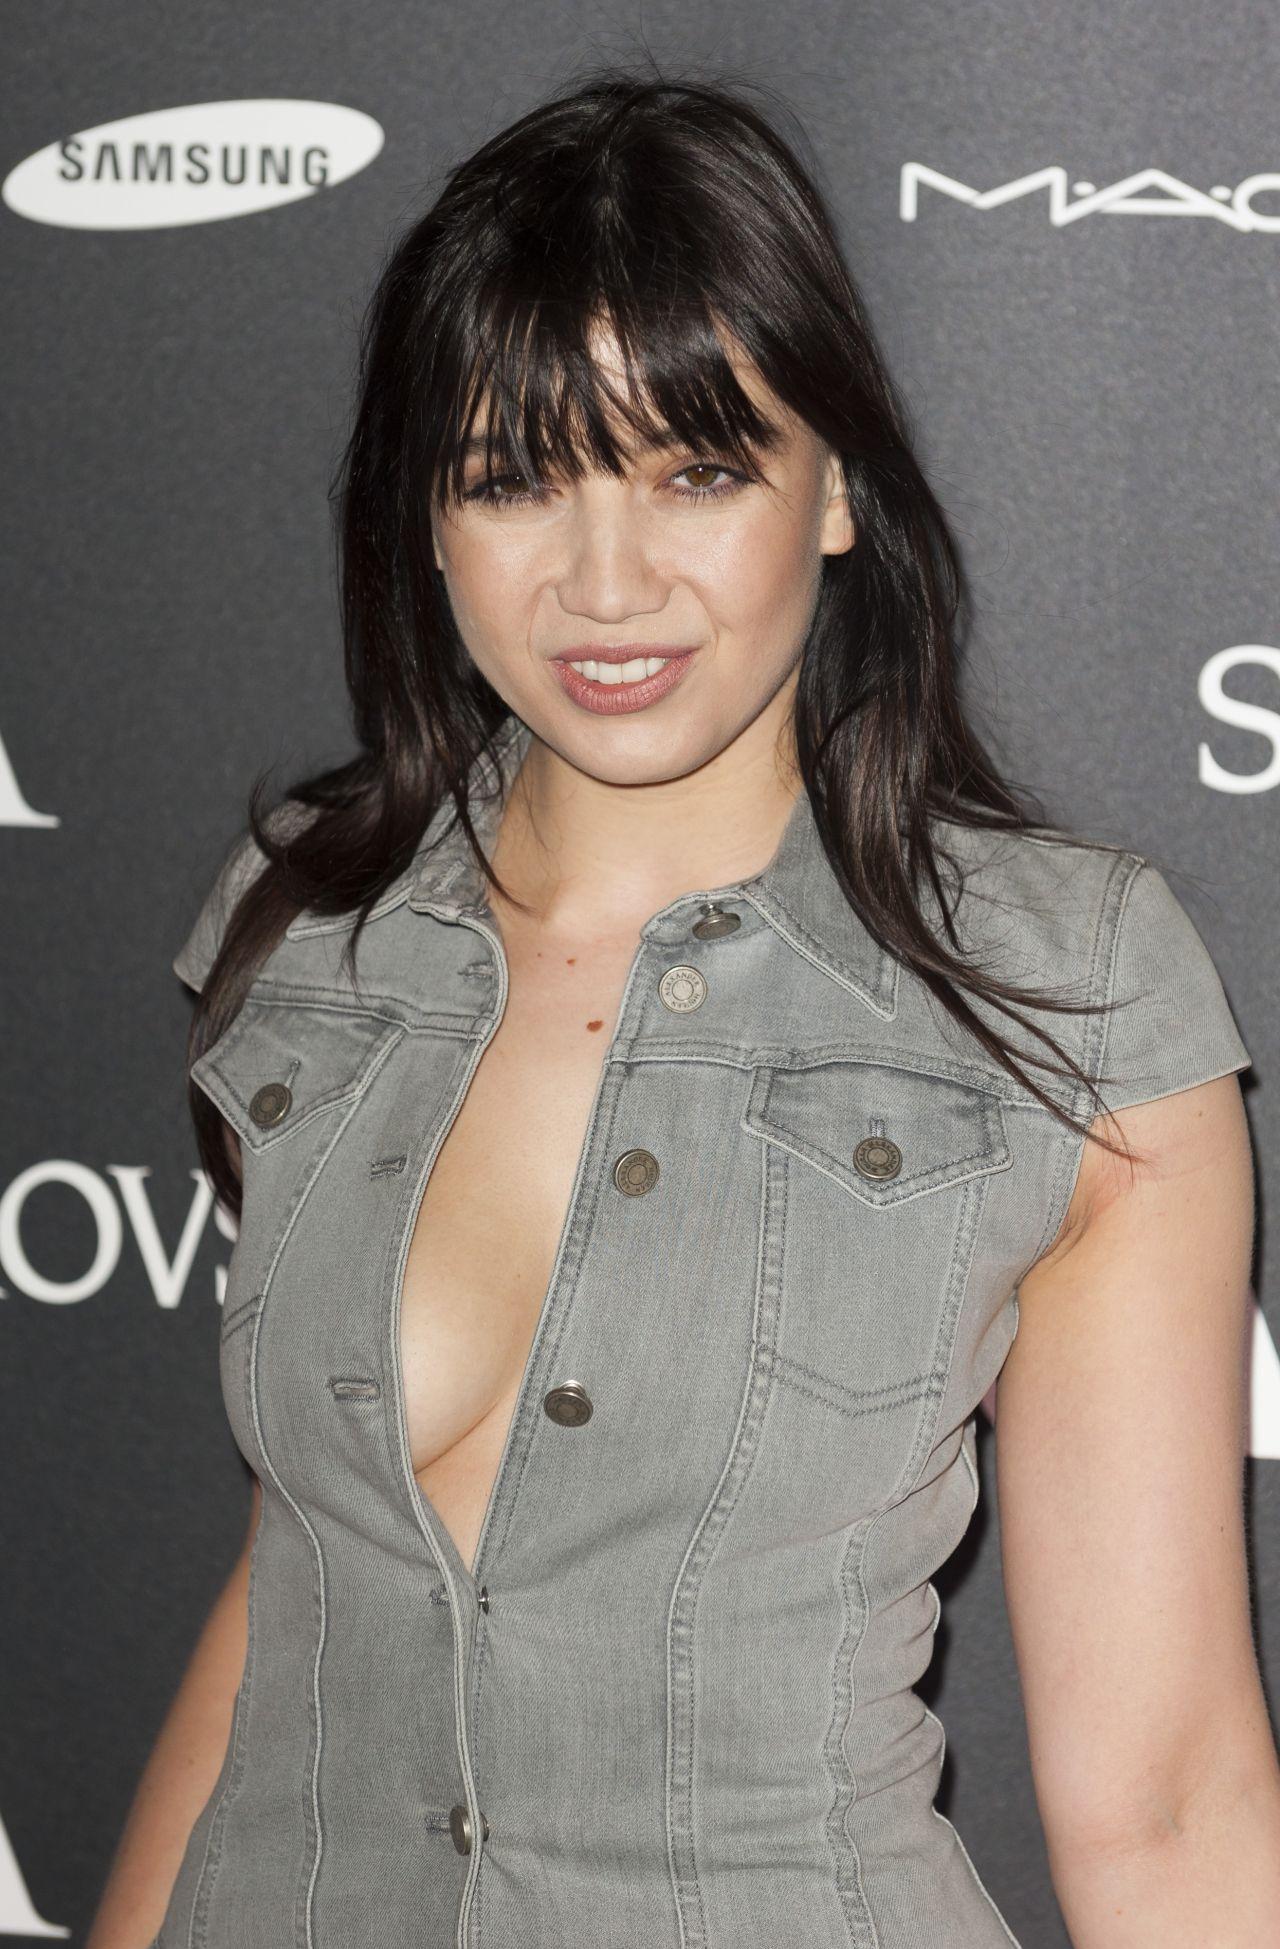 SaRenna Lee